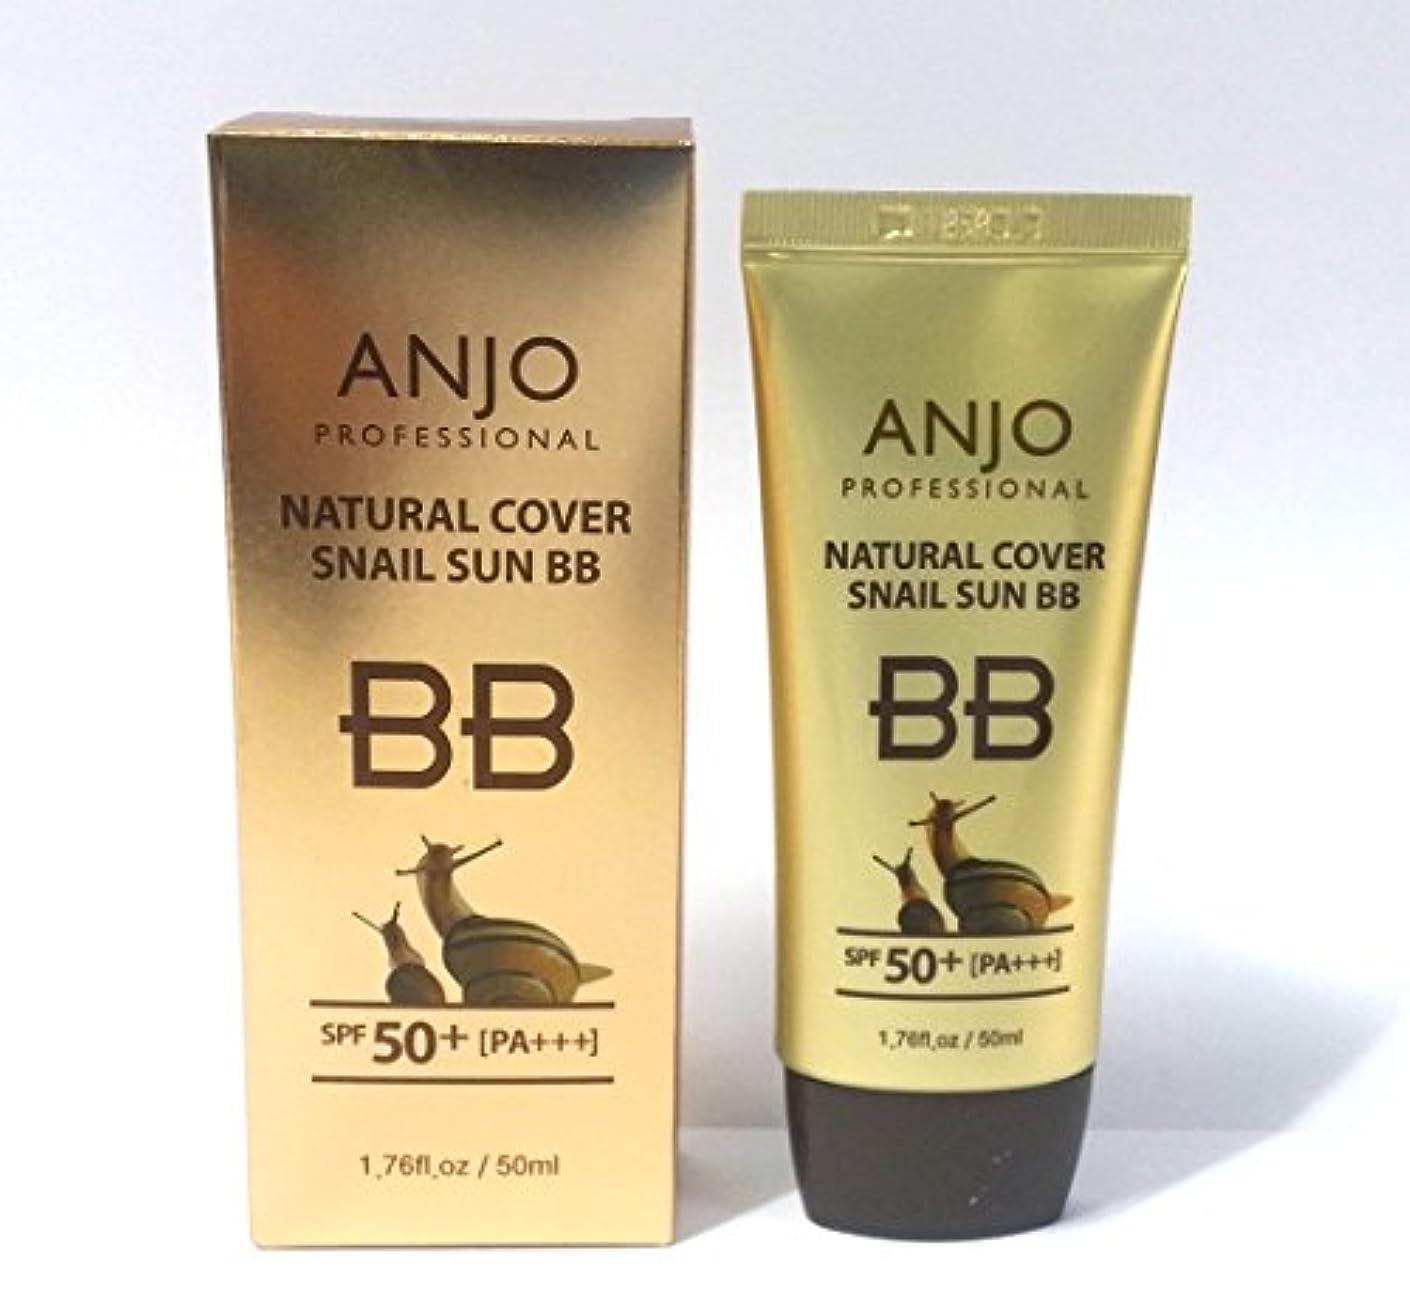 田舎制限する低い[ANJO] ナチュラルカバーカタツムリサンBBクリームSPF 50 + PA +++ 50ml X 3EA /メイクアップベース/カタツムリ粘液 / Natural Cover Snail Sun BB Cream SPF...